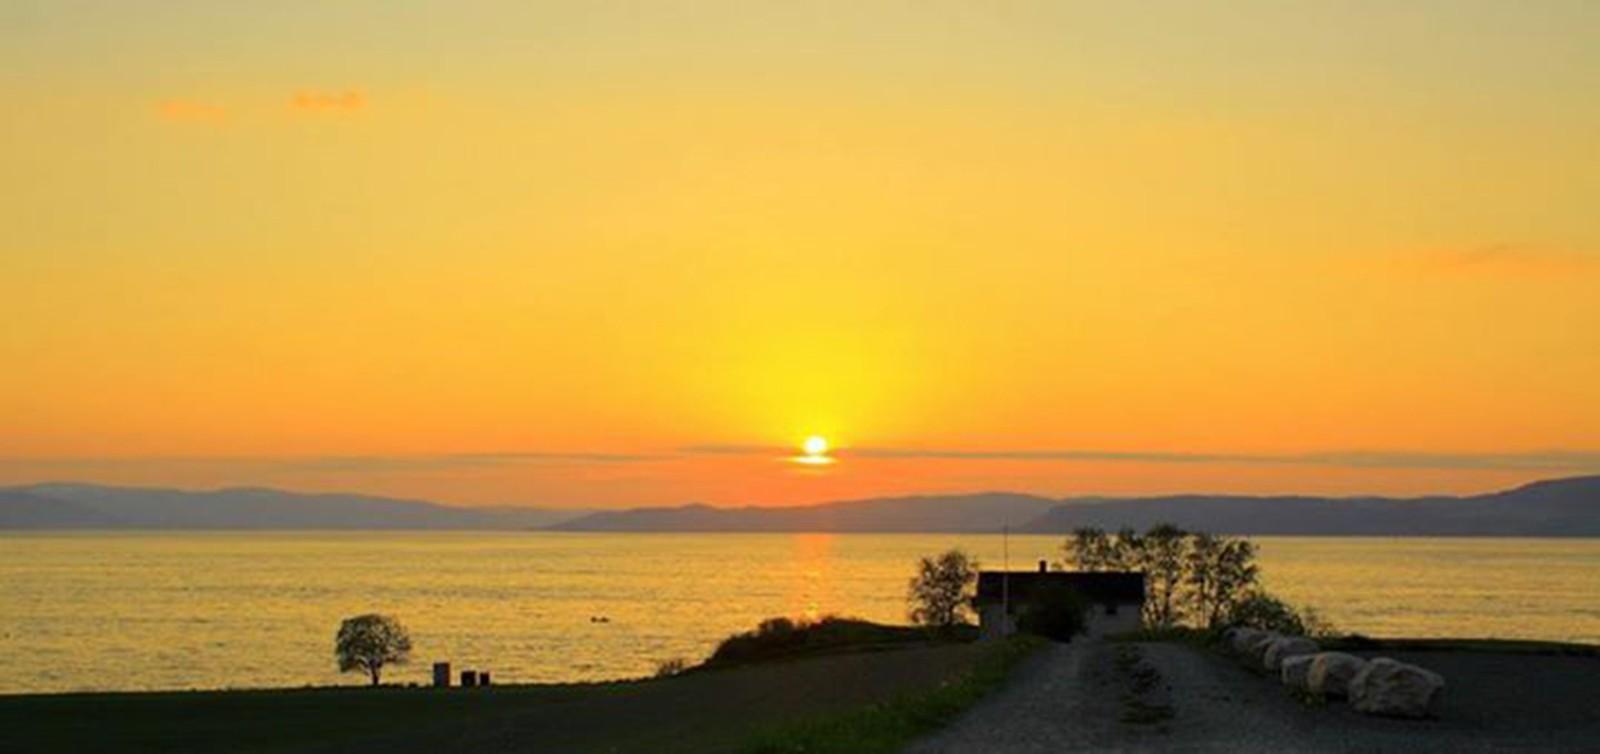 Solnedgang, sett fra Byneset